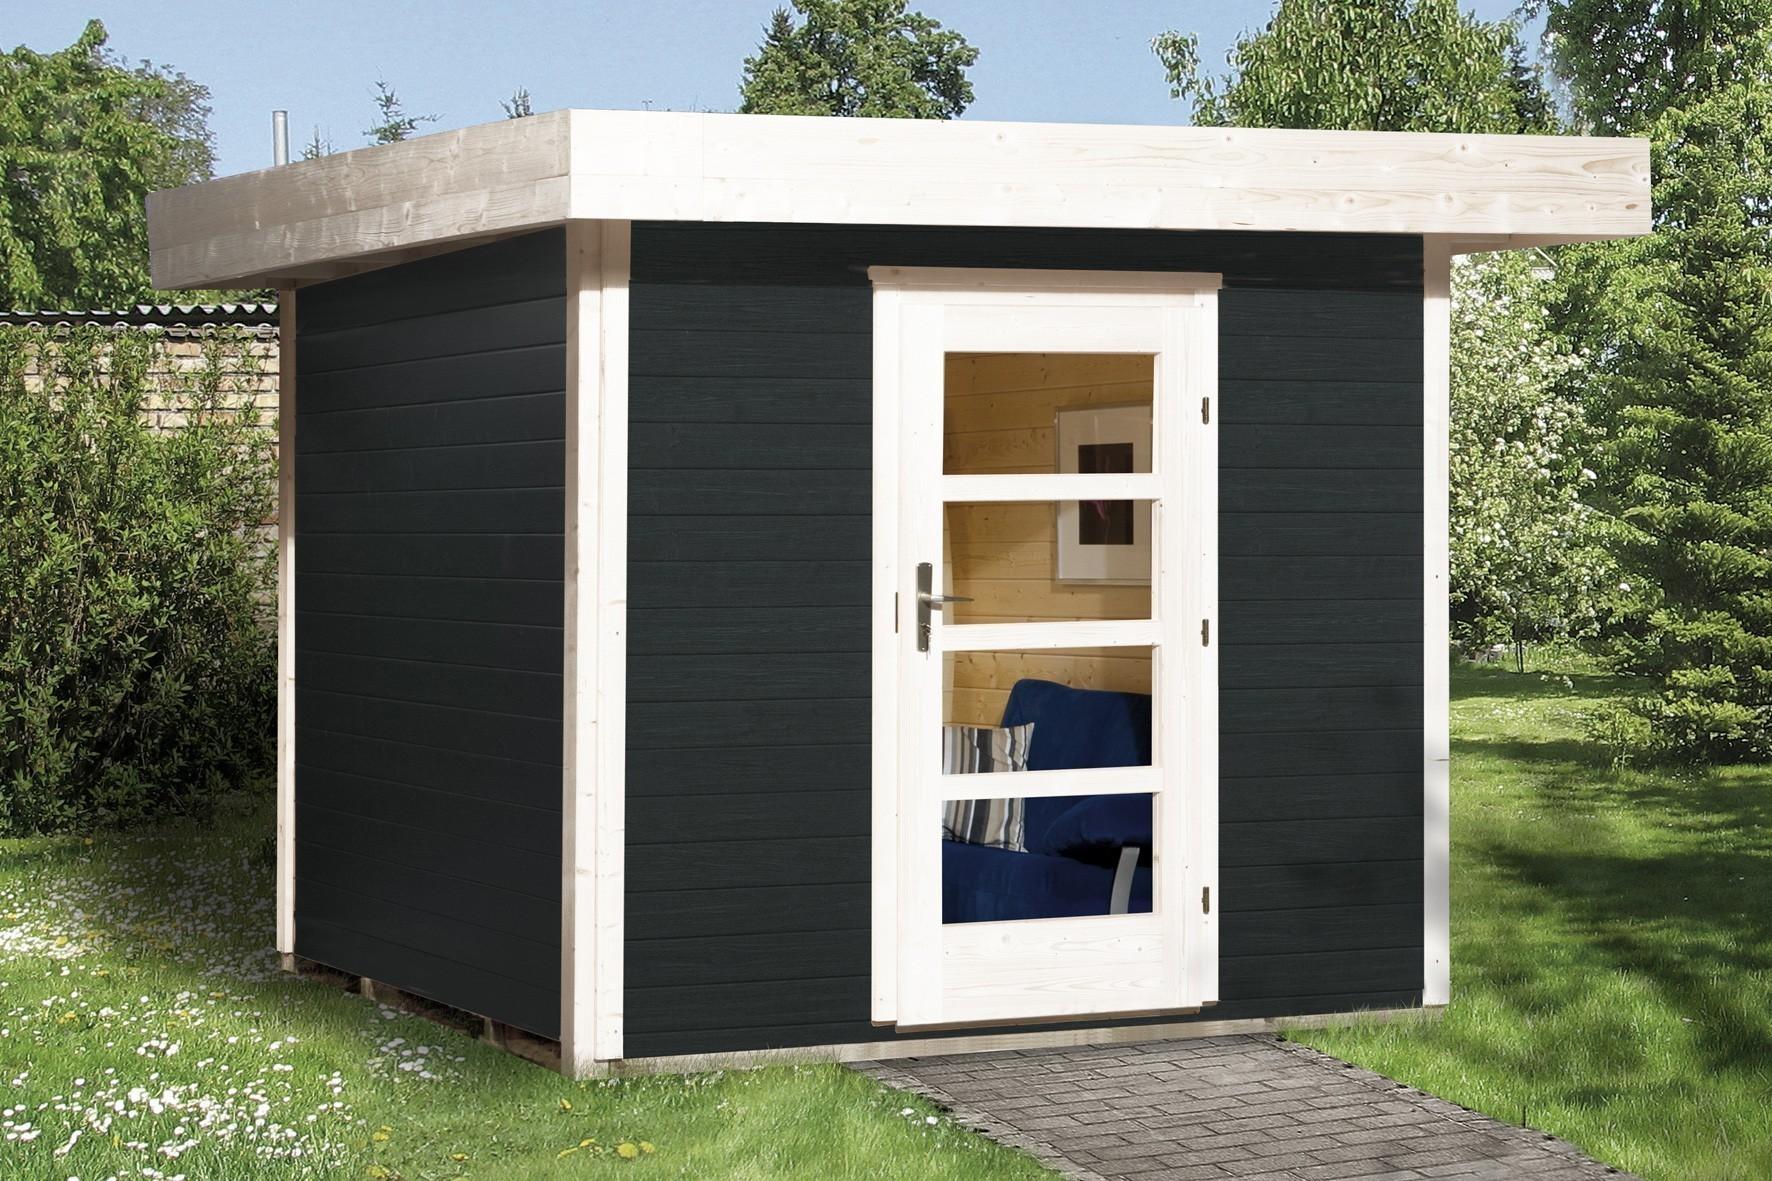 Gartenhaus 28mm weka Designhaus 172 Gr. 2 anthrazit 280x378cm VD50 Bild 1